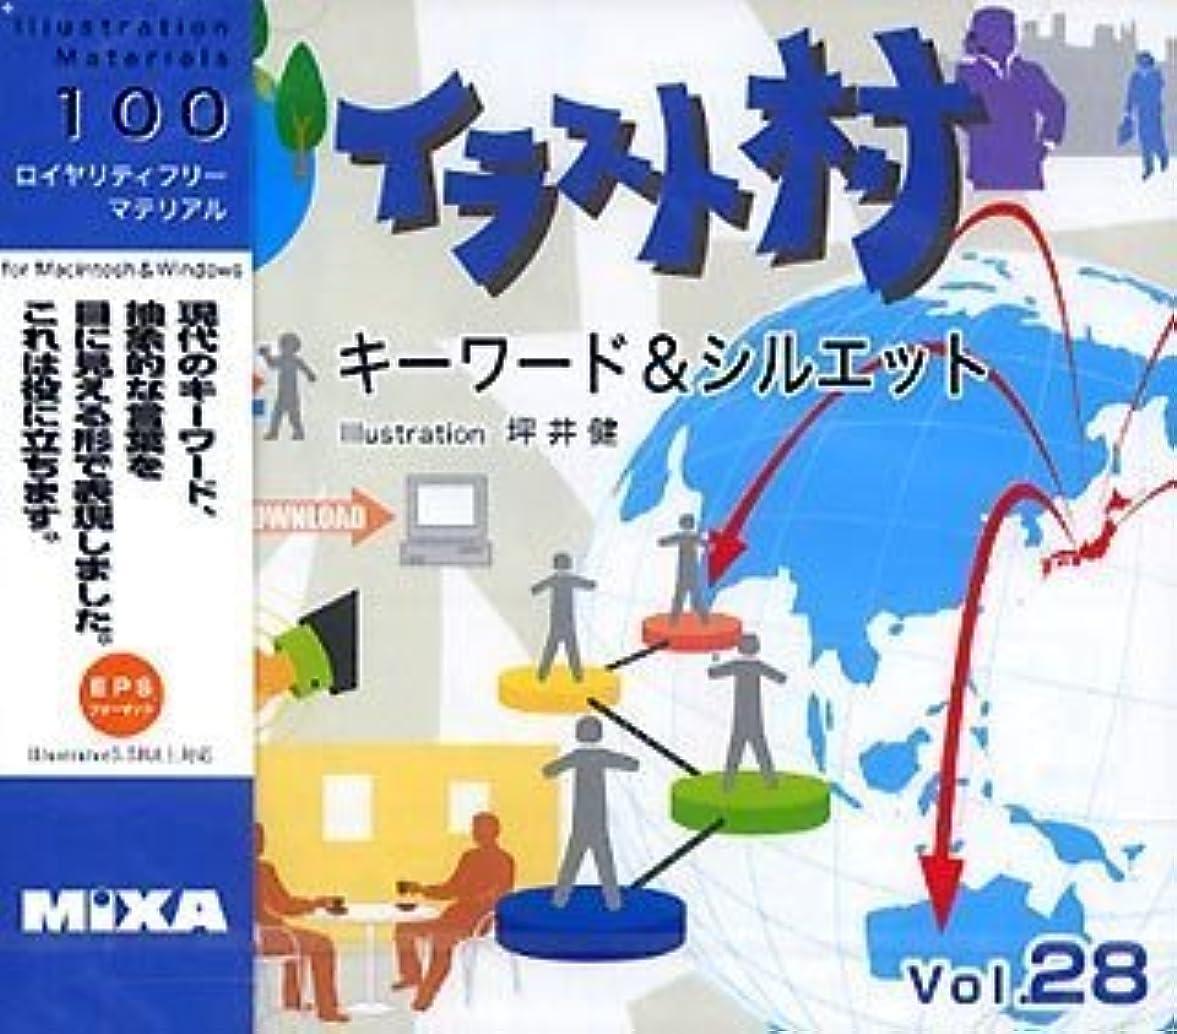 おいしい強化歩行者イラスト村 Vol.28 キーワード&シルエット